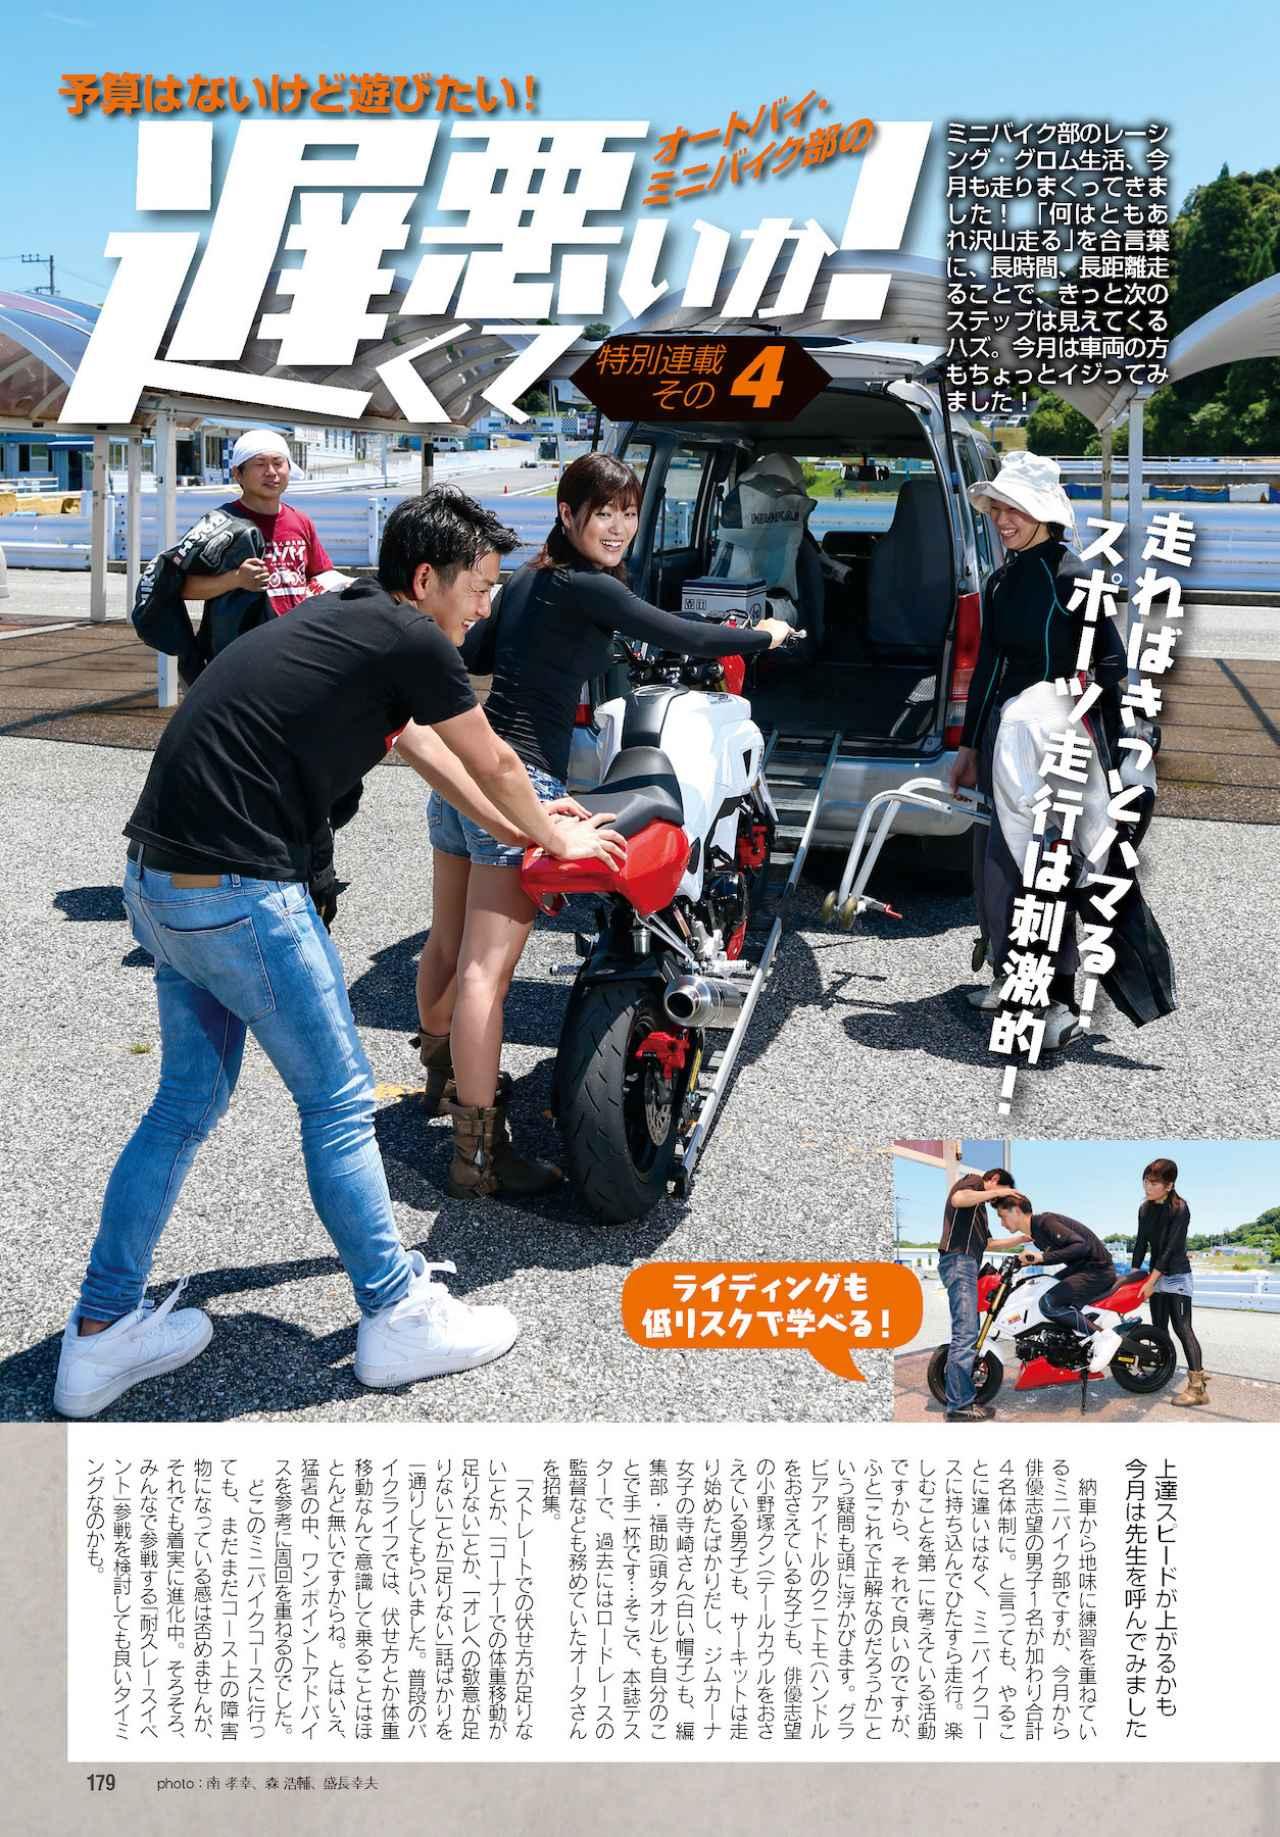 画像: 今回で4回目となるレギュラー企画「遅くて悪いか!」では、オートバイ・ミニバイク部のとりとめのない活動をレポート。